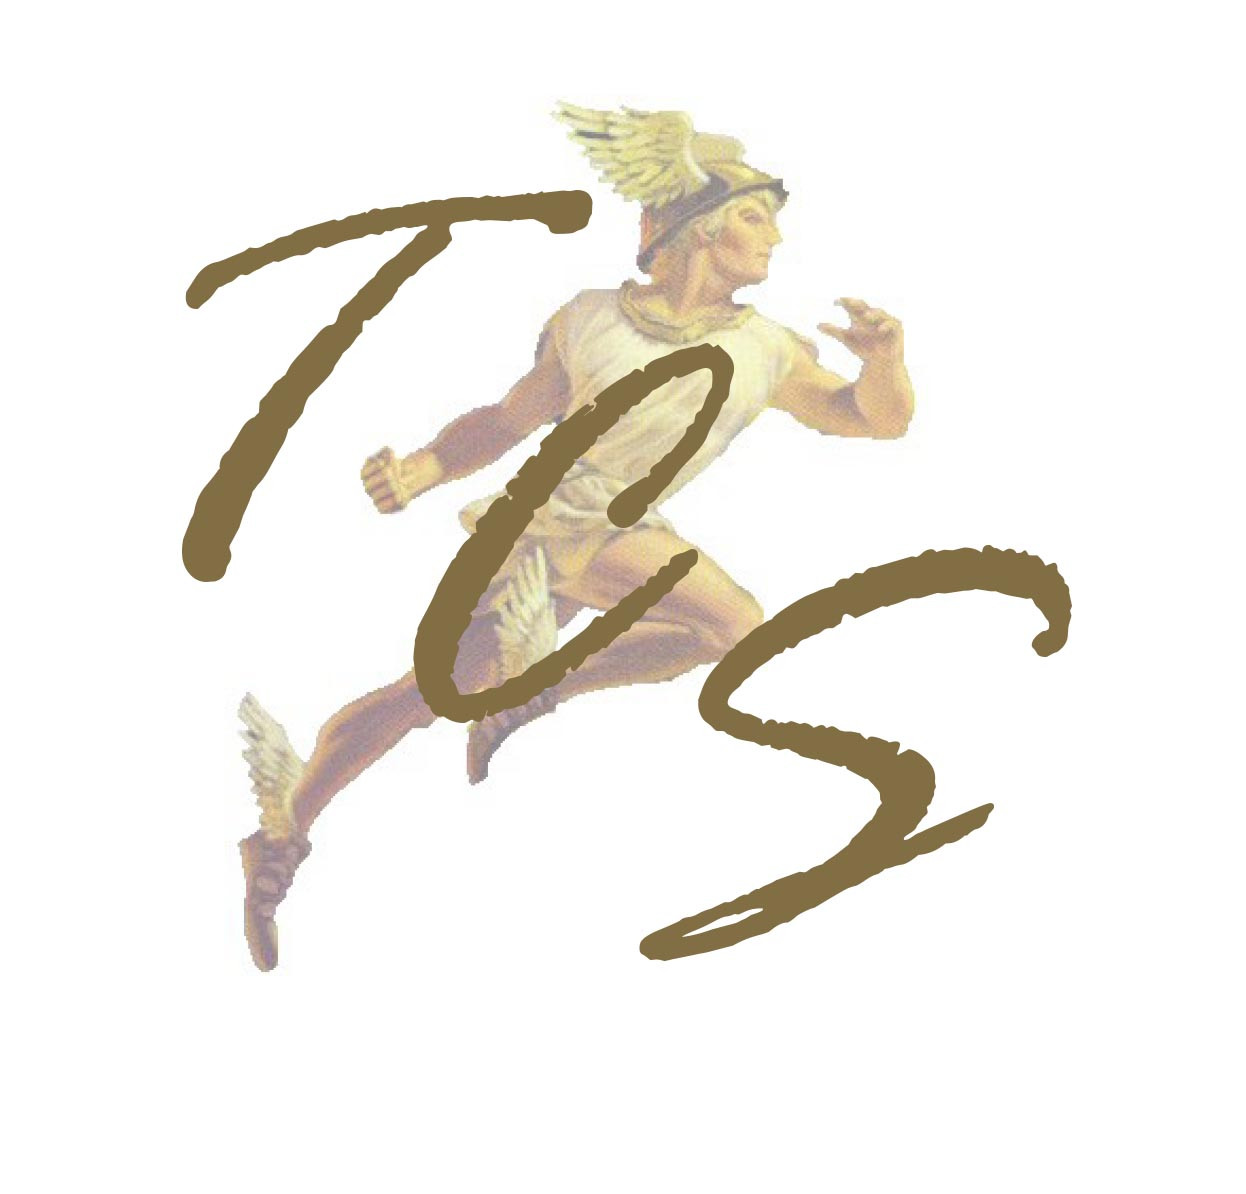 Разработка логотипа и фирменного стиля фото f_53650b5f744121e6.jpg